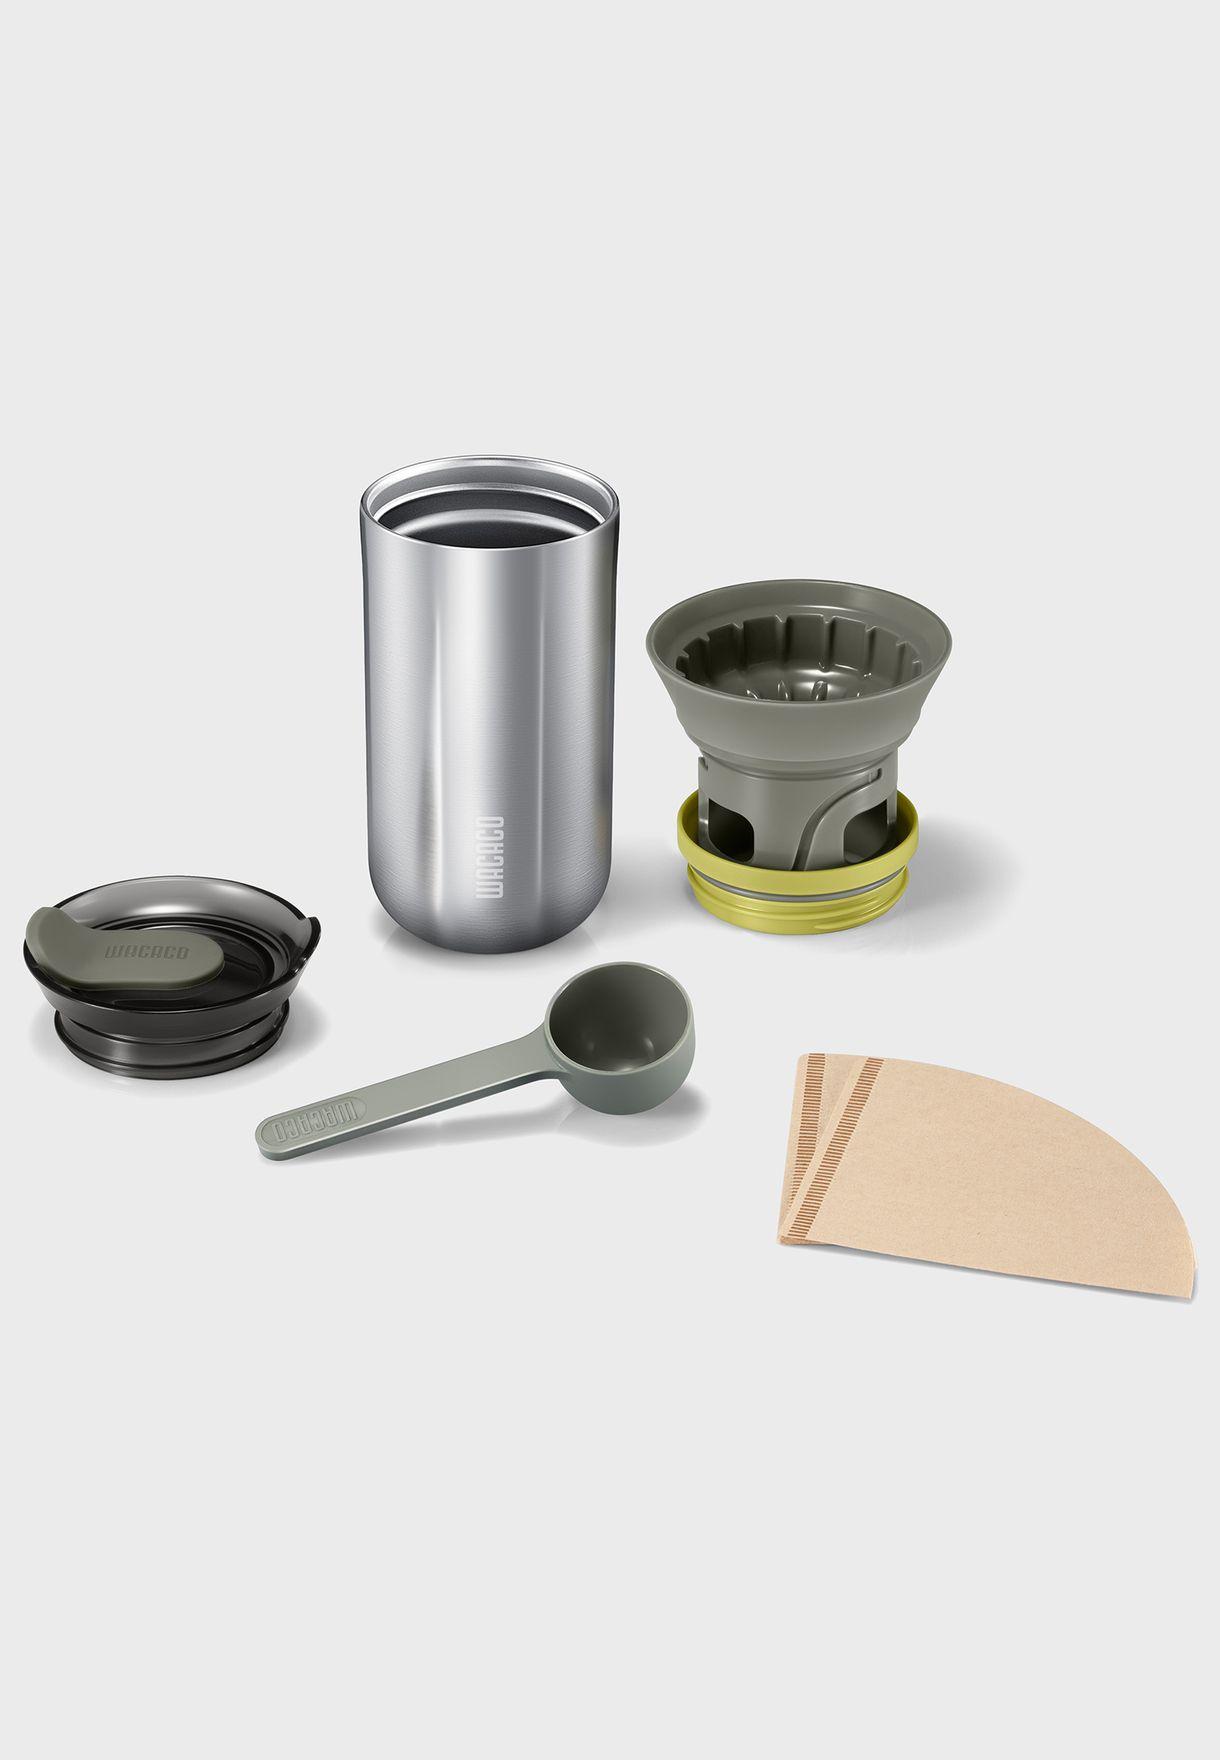 Cuppamoka Pour Over Coffee Maker